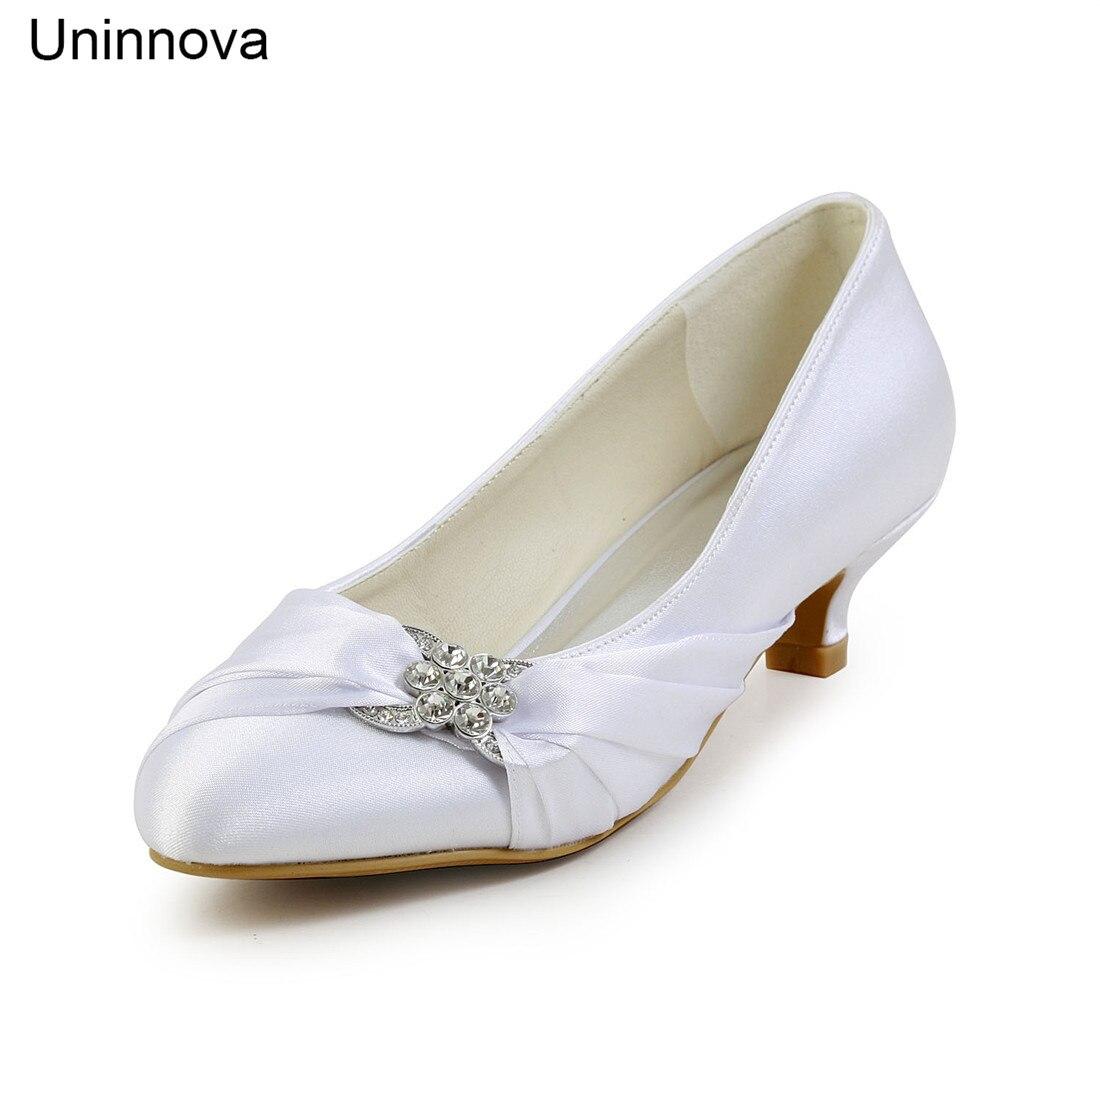 الزفاف وصيفه الشرف كريستال عقدة ميد كعب الزفاف مضخات جولة تو العاج الأبيض الشمبانيا الملكي الأزرق كبير أيام الأحذية 100  12 LY-في أحذية نسائية من أحذية على  مجموعة 1